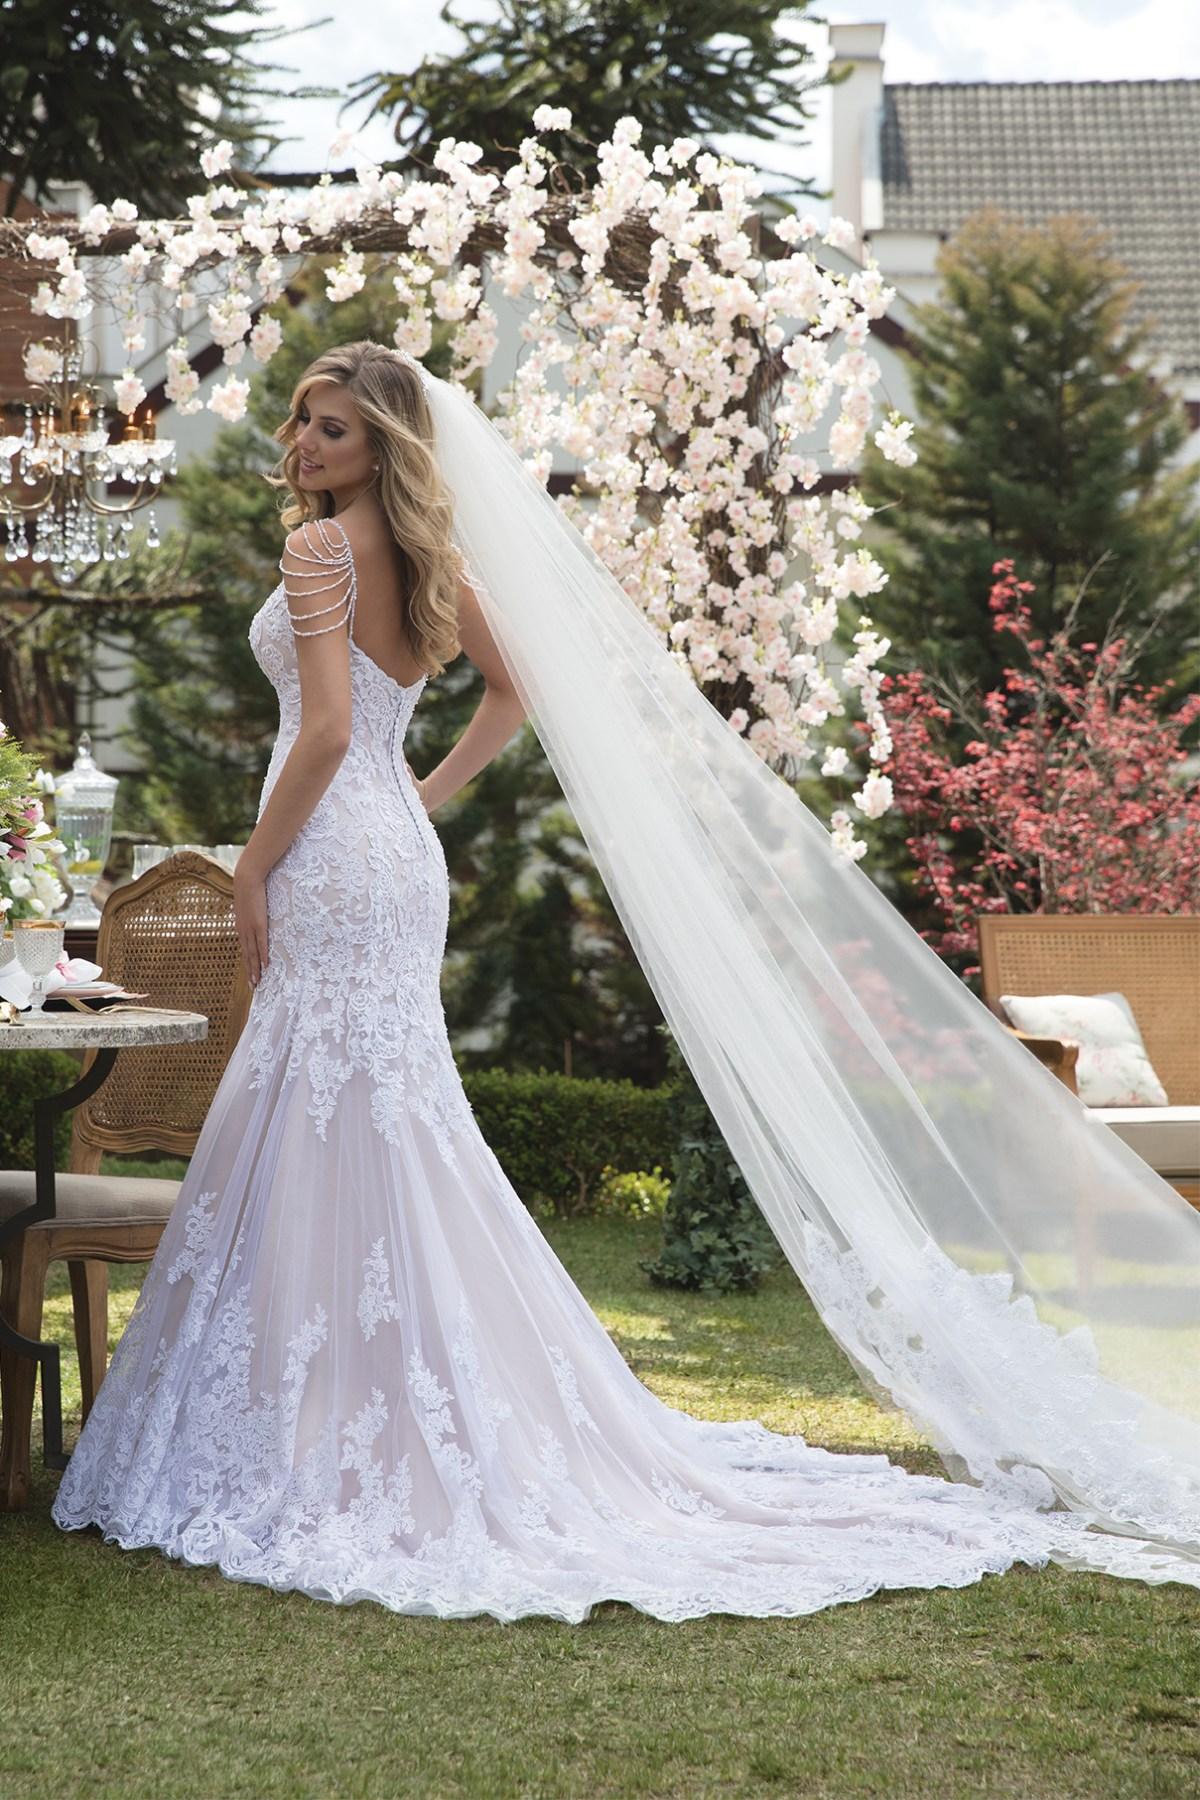 Inspirações para vestidos de noiva - Modelo Peonia